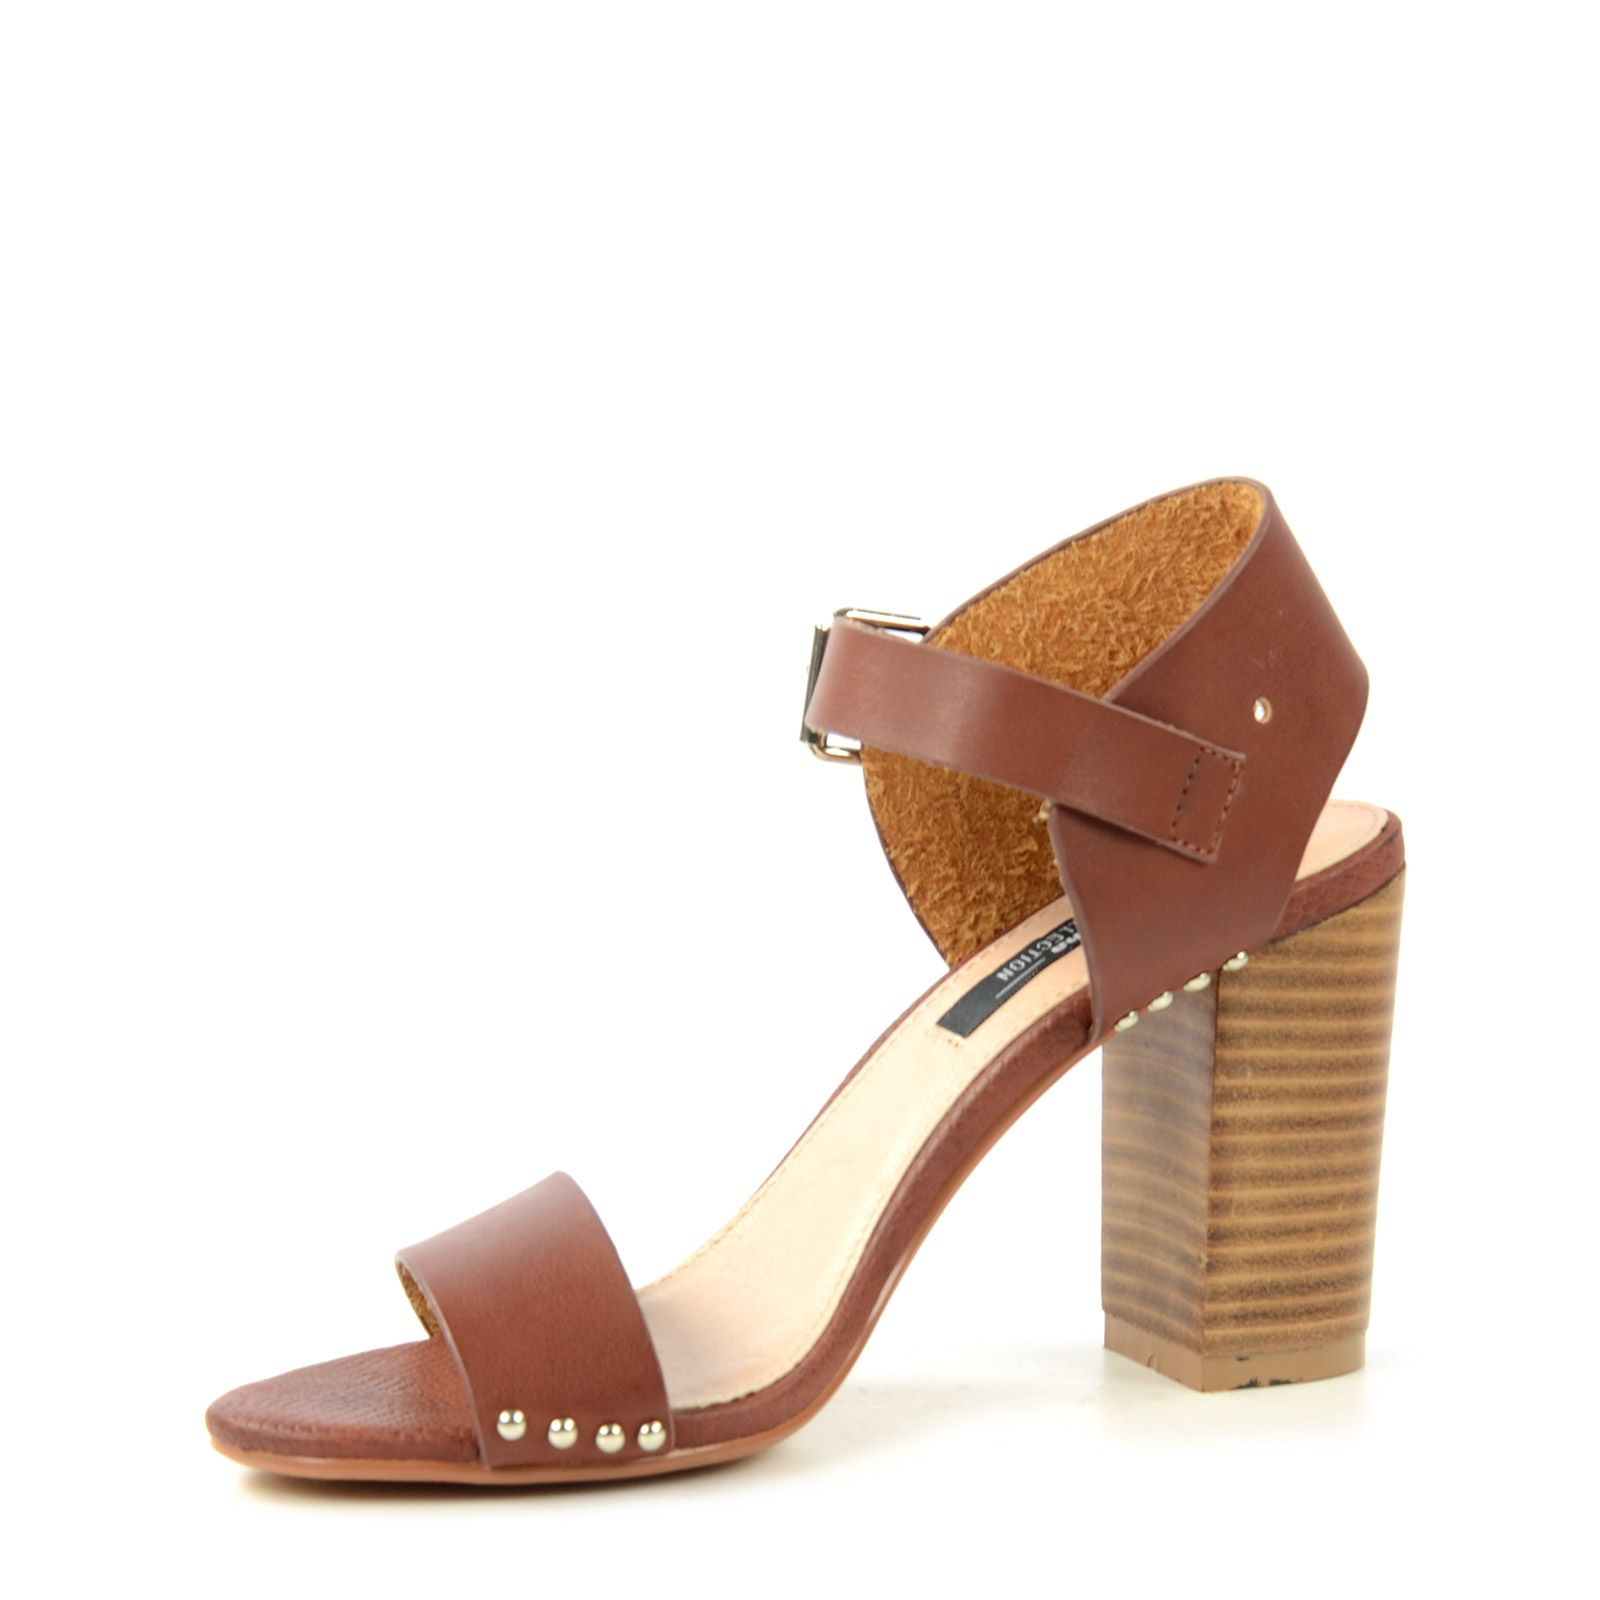 braune sandalen mit blockabsatz damenschuhe. Black Bedroom Furniture Sets. Home Design Ideas